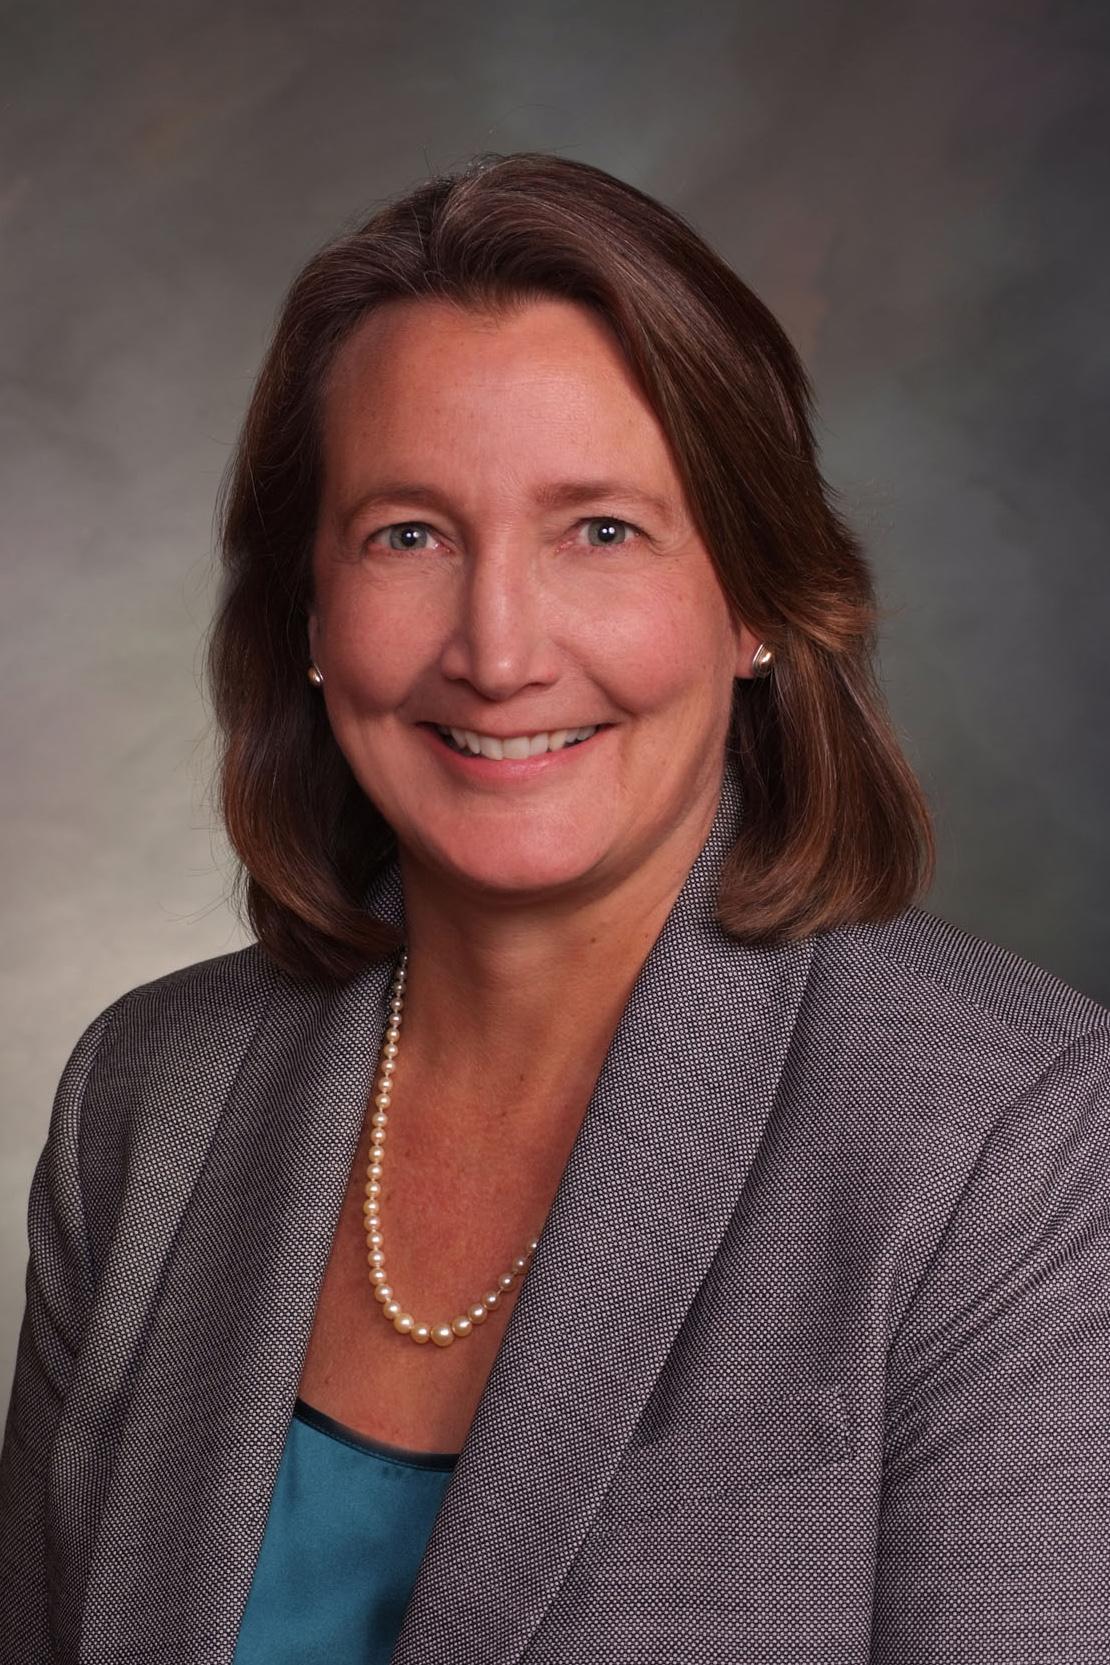 Ellen S. Roberts